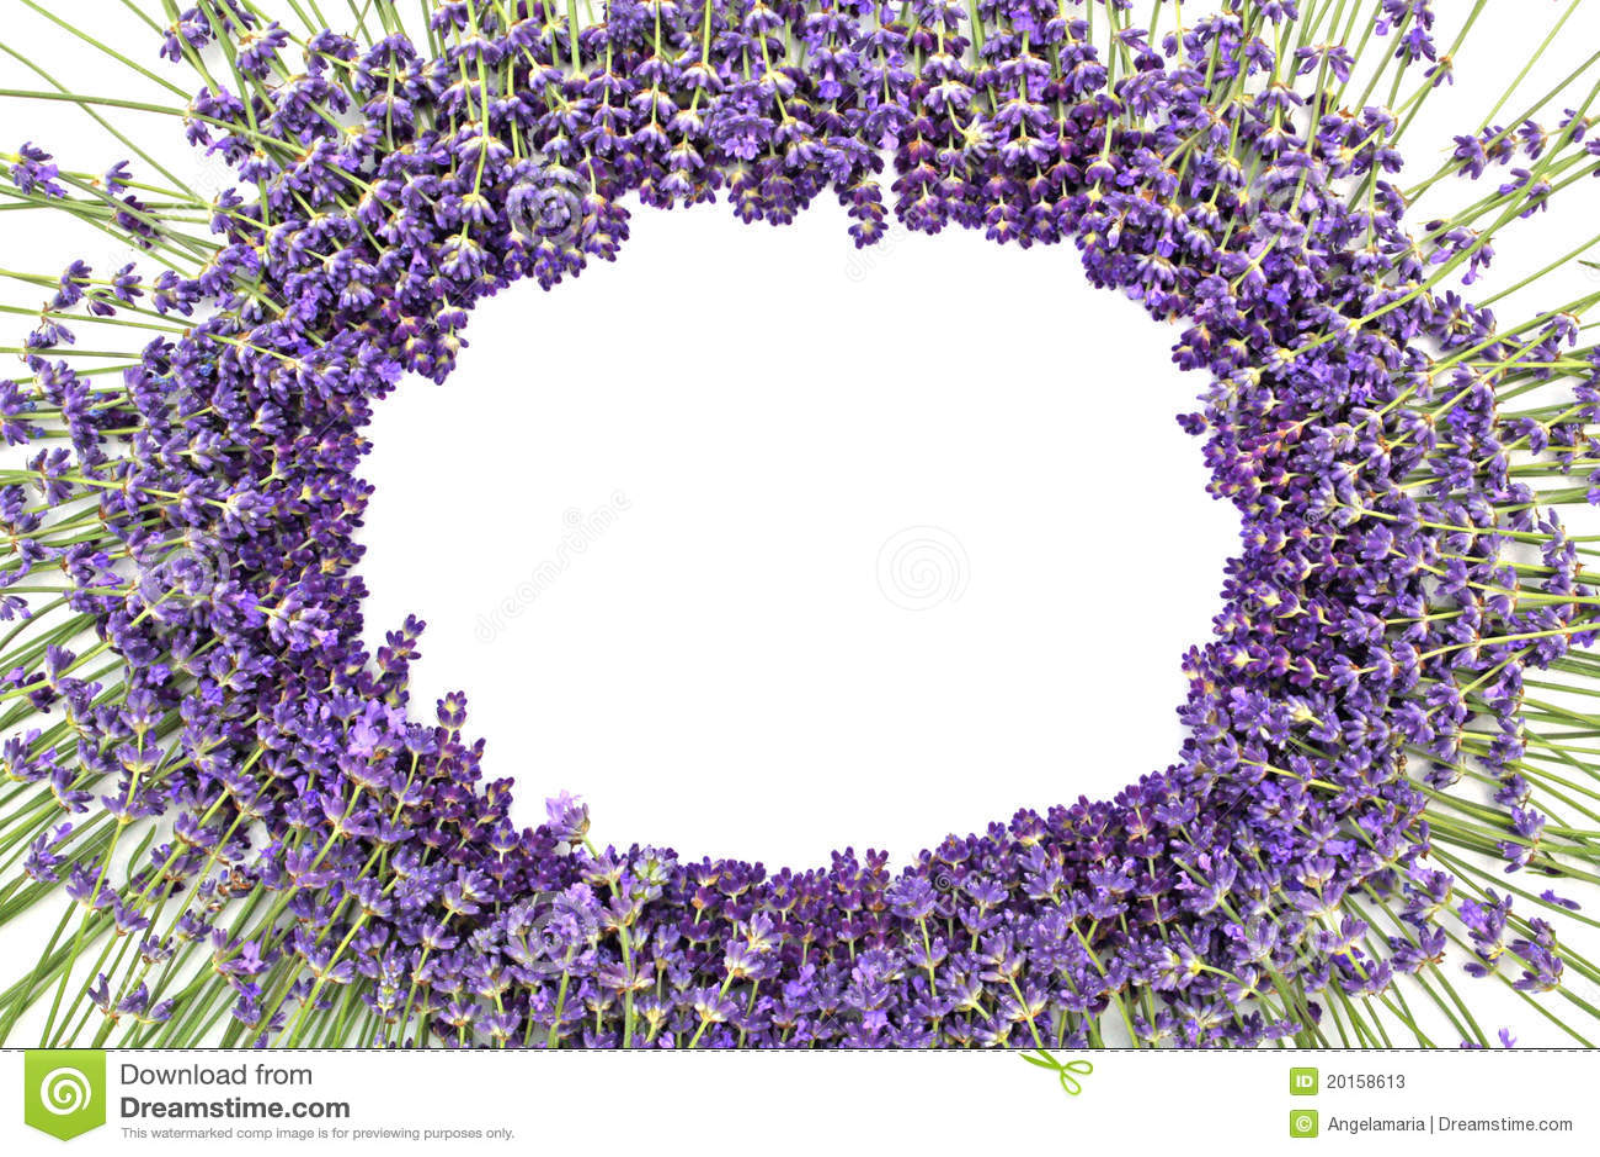 Lavendel stockbild. Bild von medizin, dekoration, frisch - 20158613